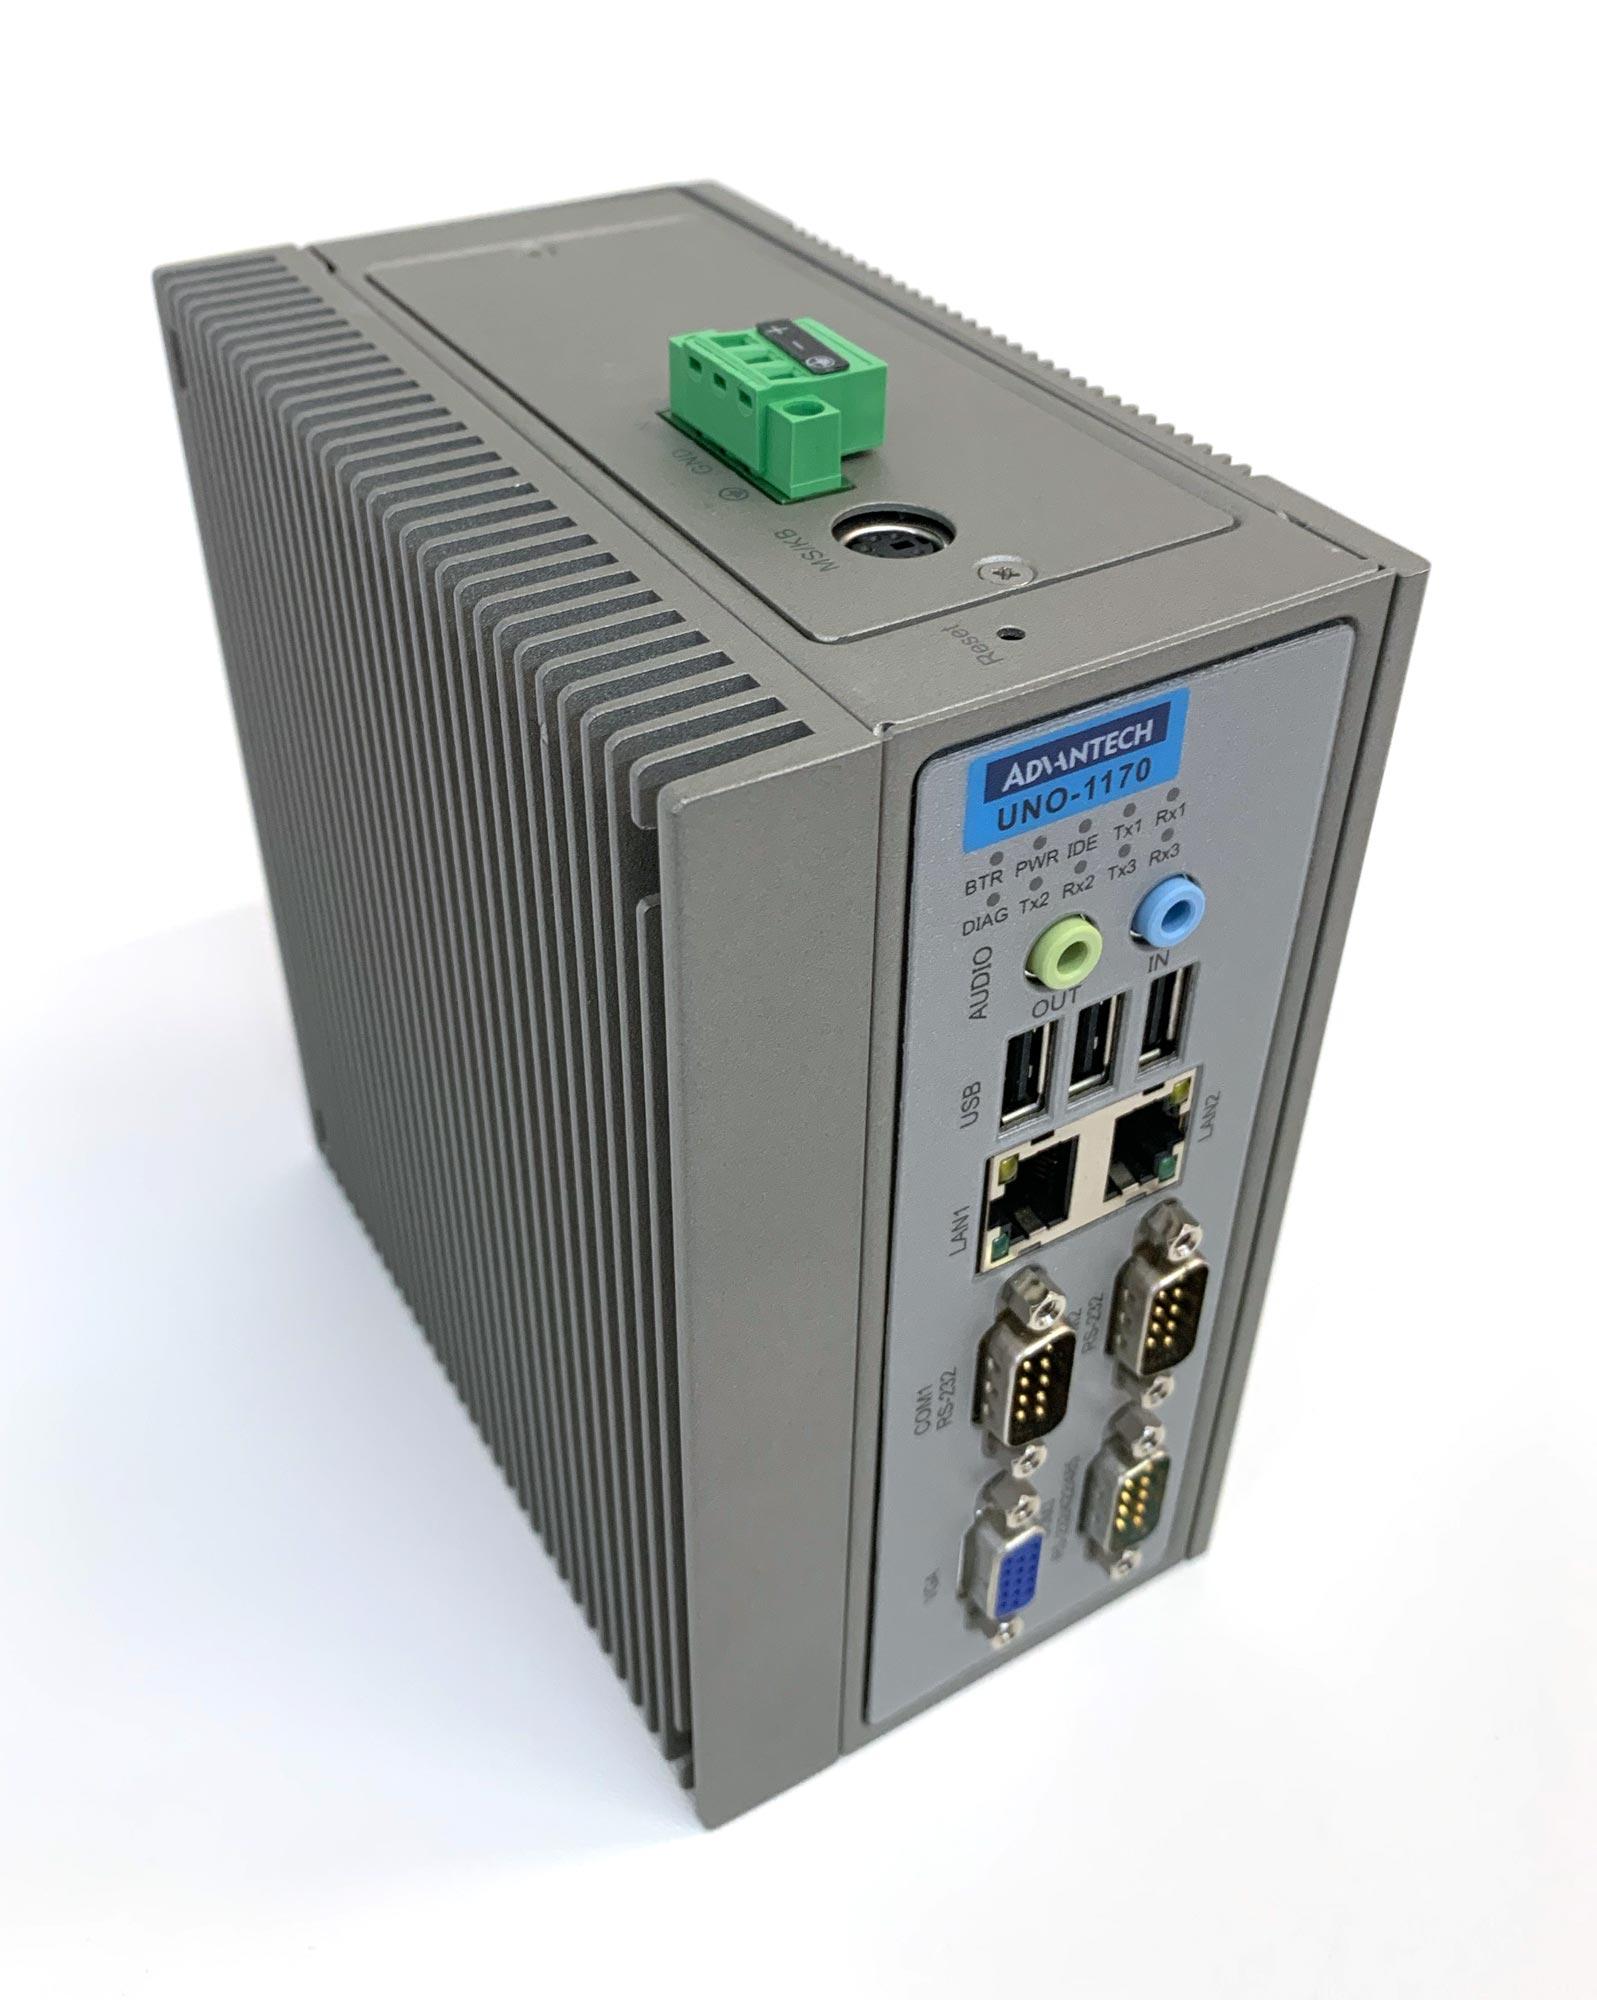 UNO-1170 - Box PC mit Celeron M Prozessor